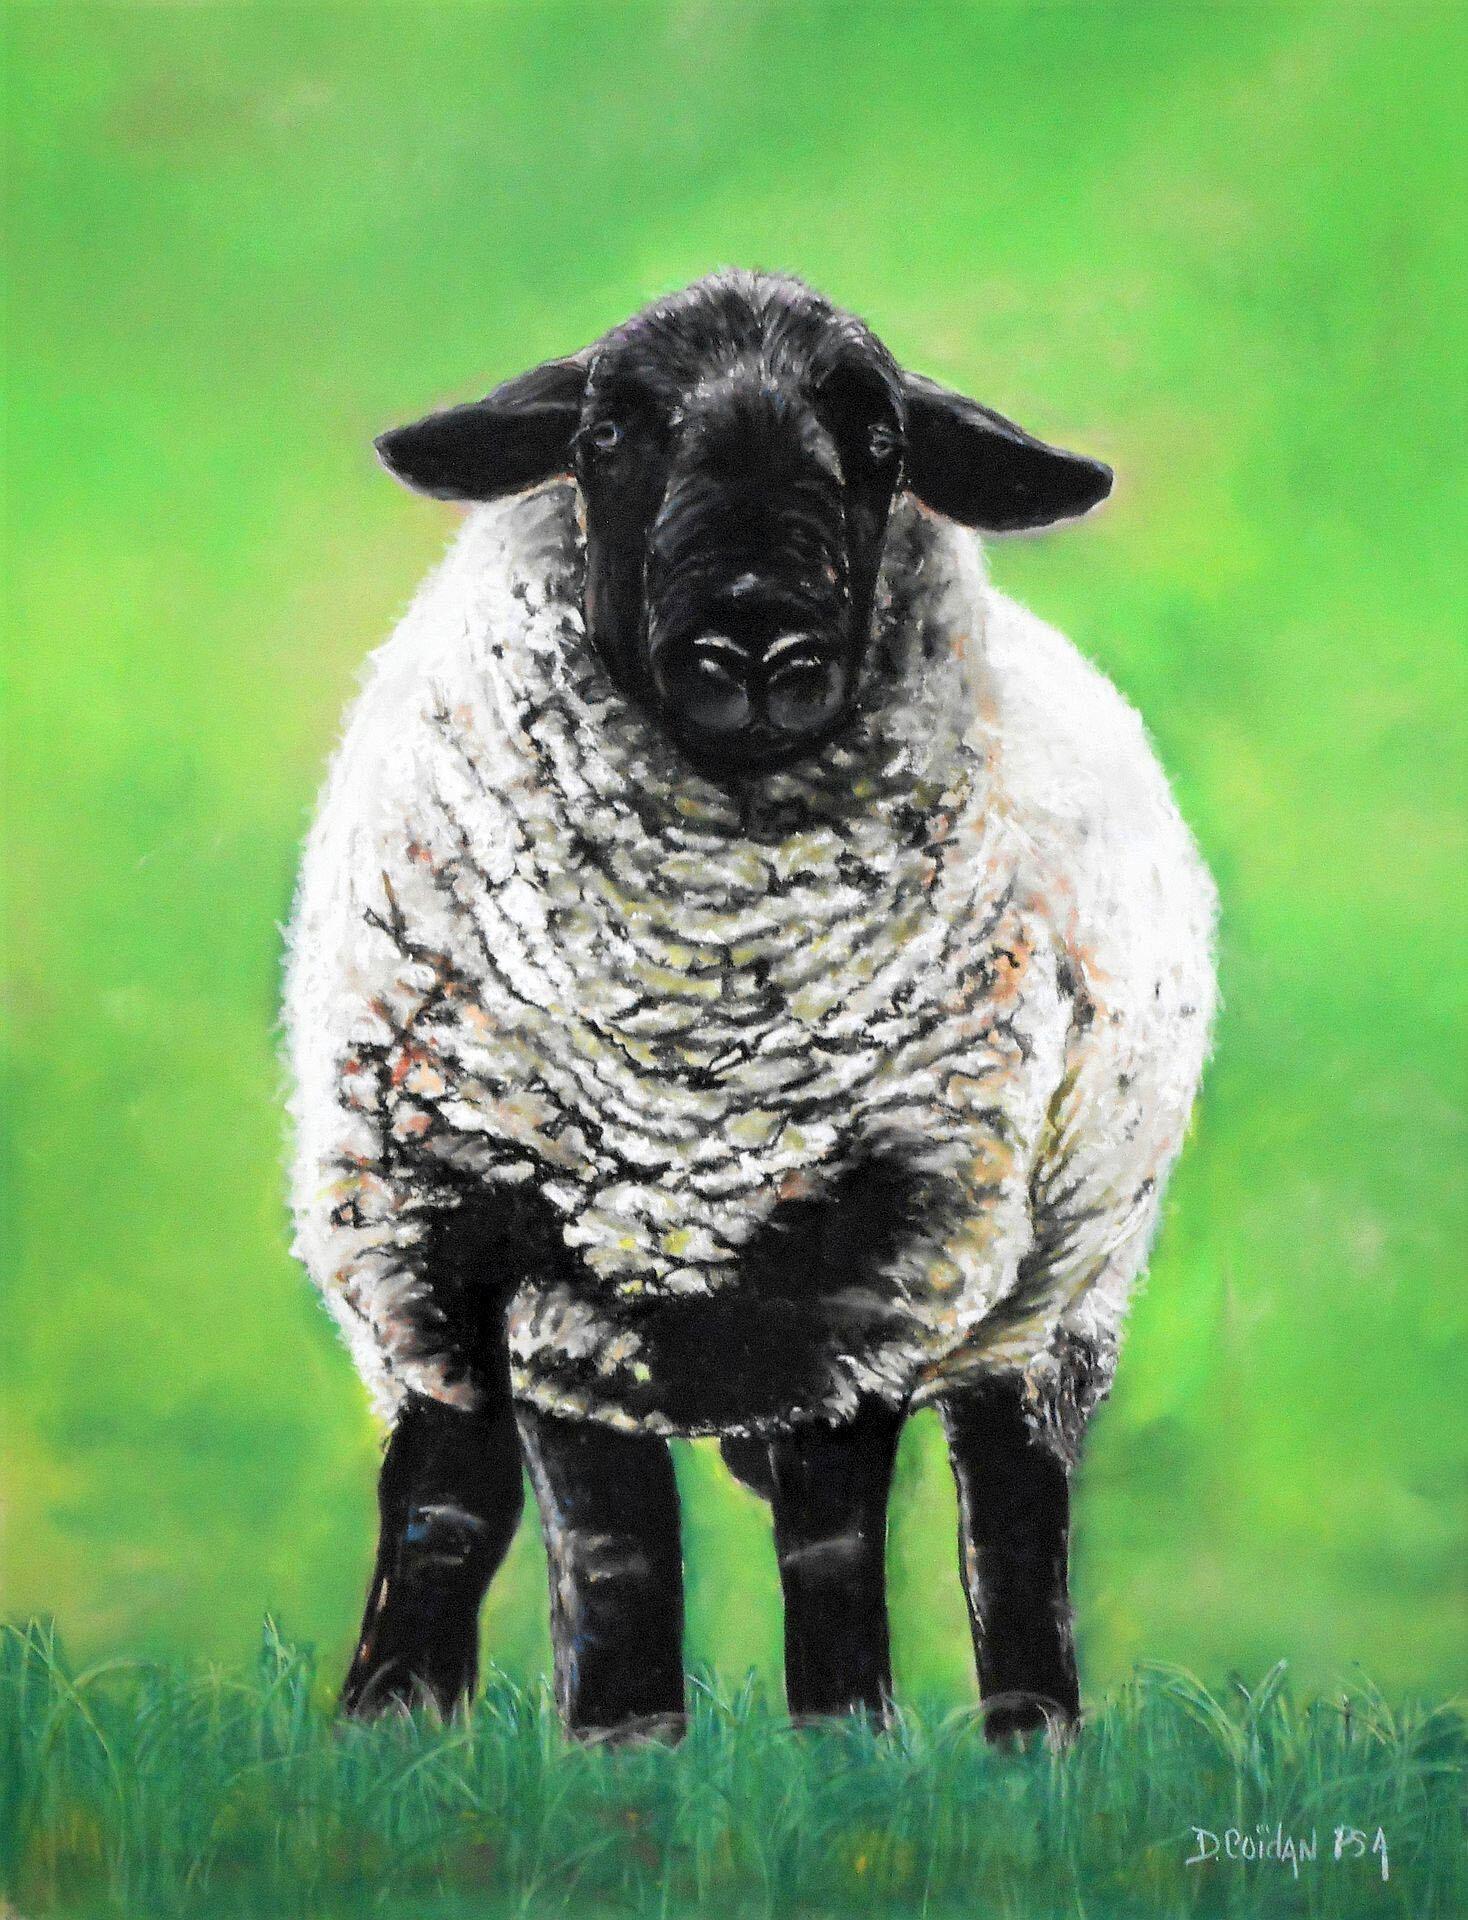 Diana_Coidan__Candi's_Sheep.jpg